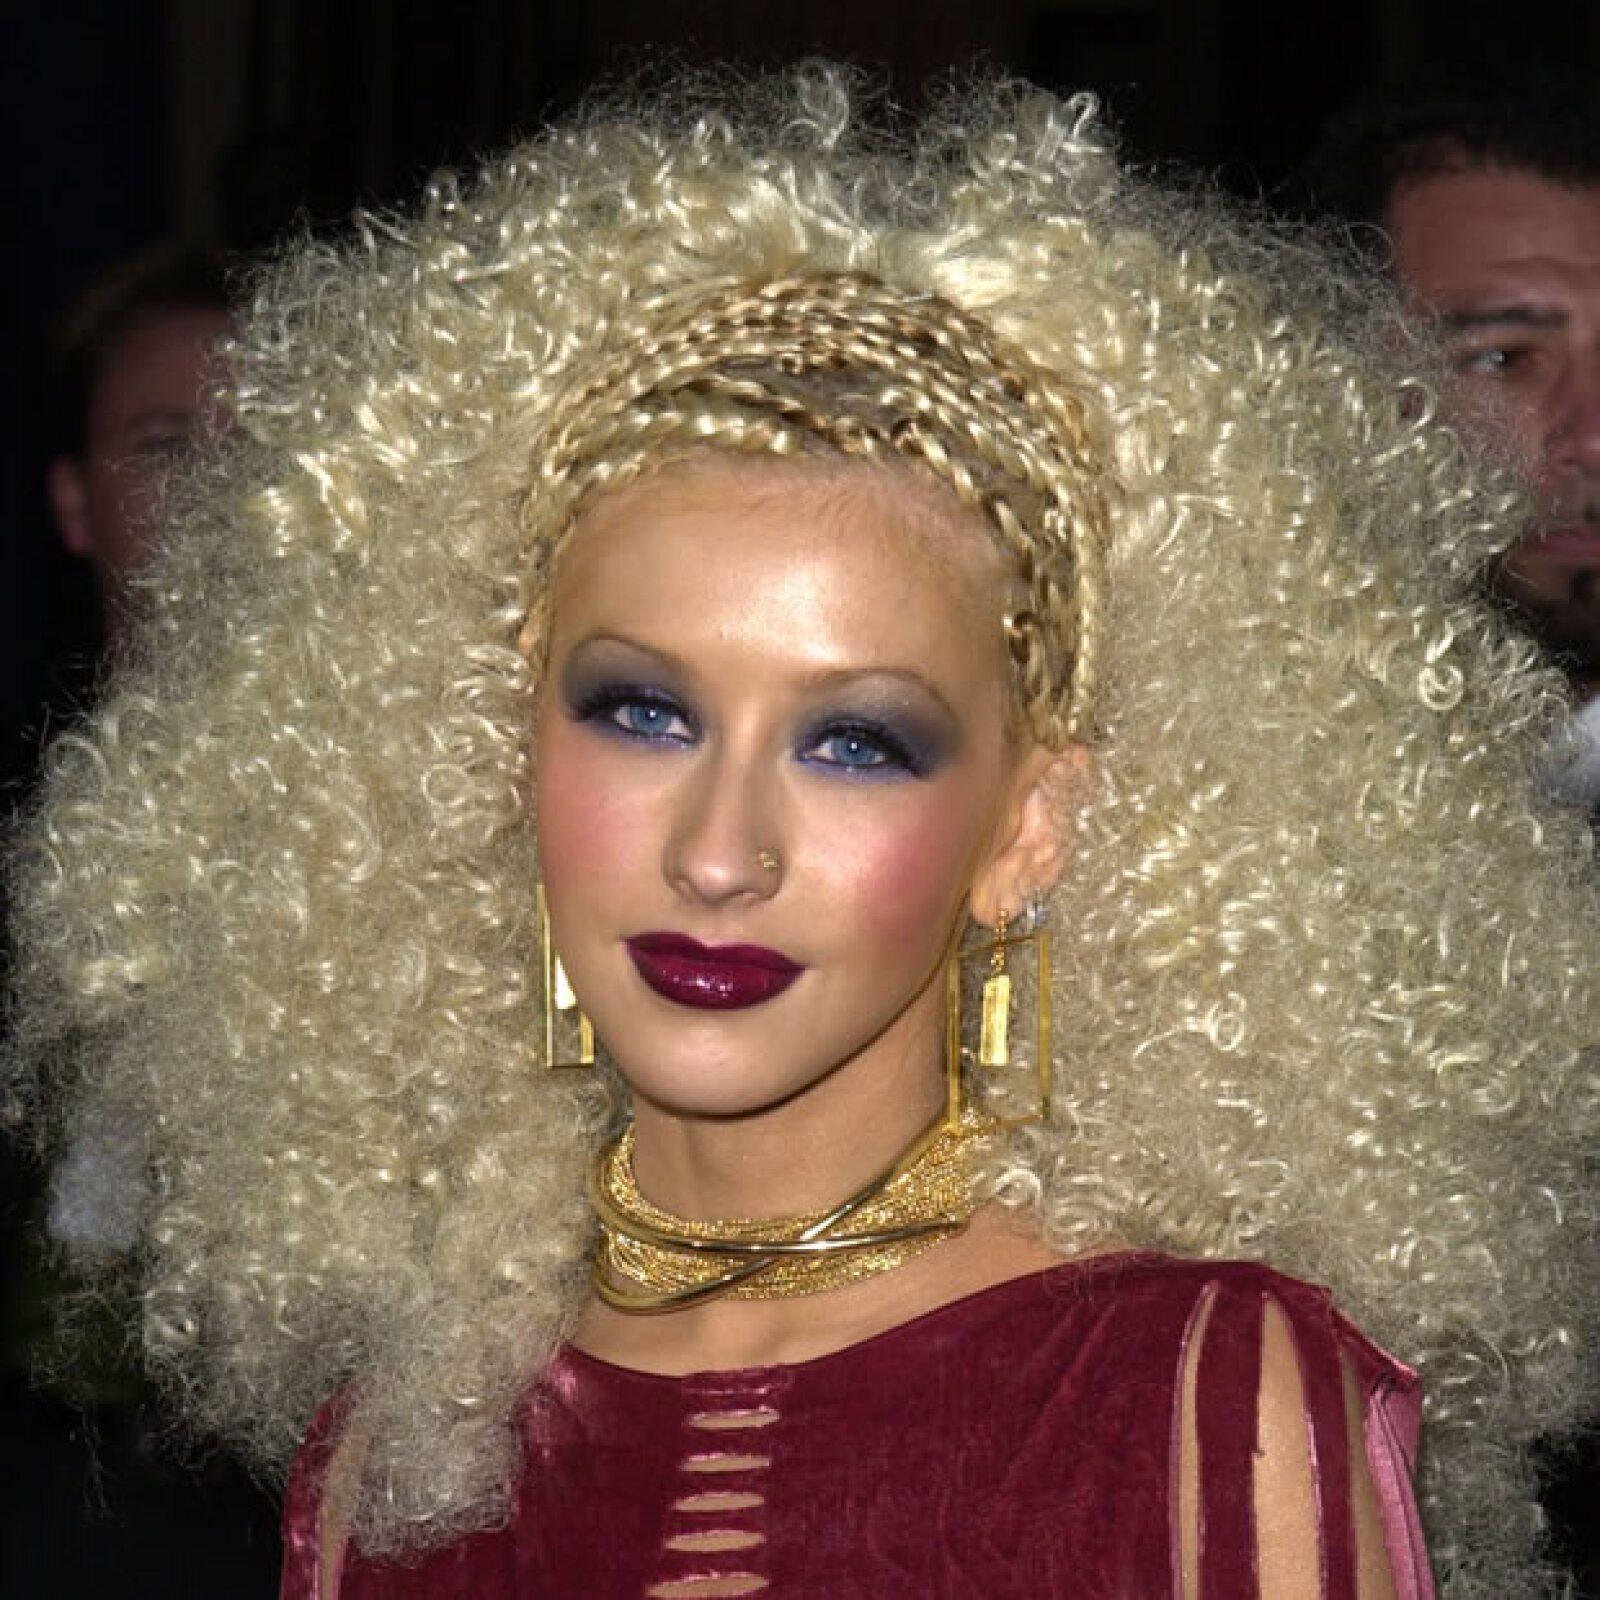 Christina Aguilera- Siempre ha sido excéntrica y original pero nunca decepcionó tanto como cuando decidió enchinarse el pelo de esta manera.